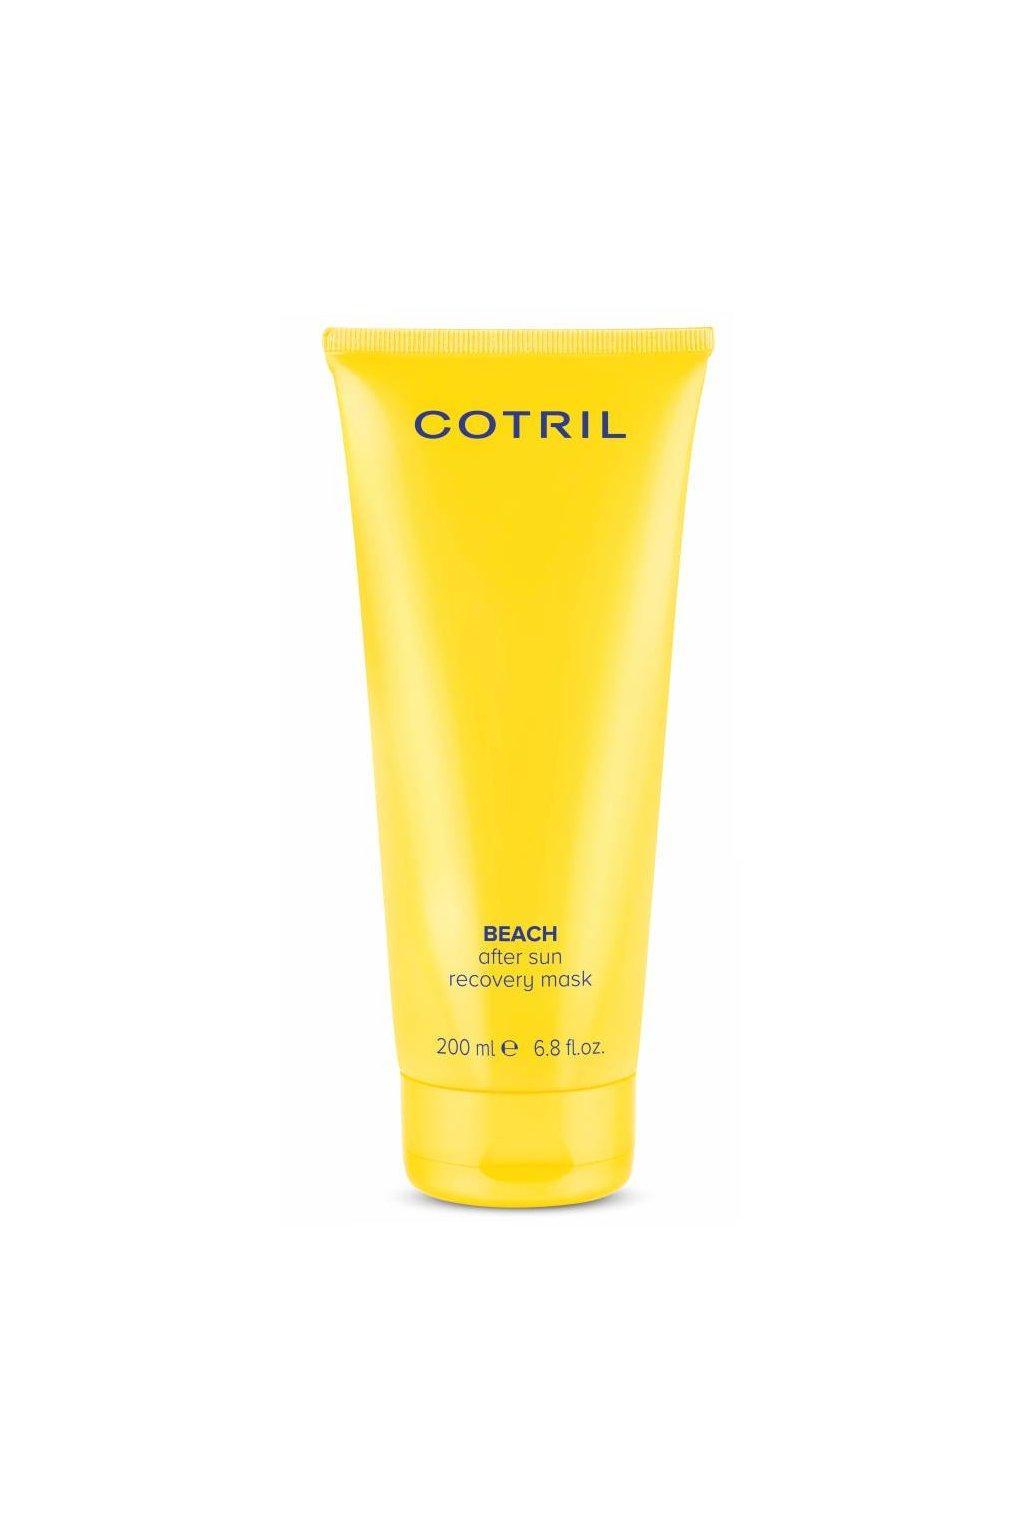 Cotril BEACH Maska obnovující, hydratační a vyživující, působení 1 minuta 200ml